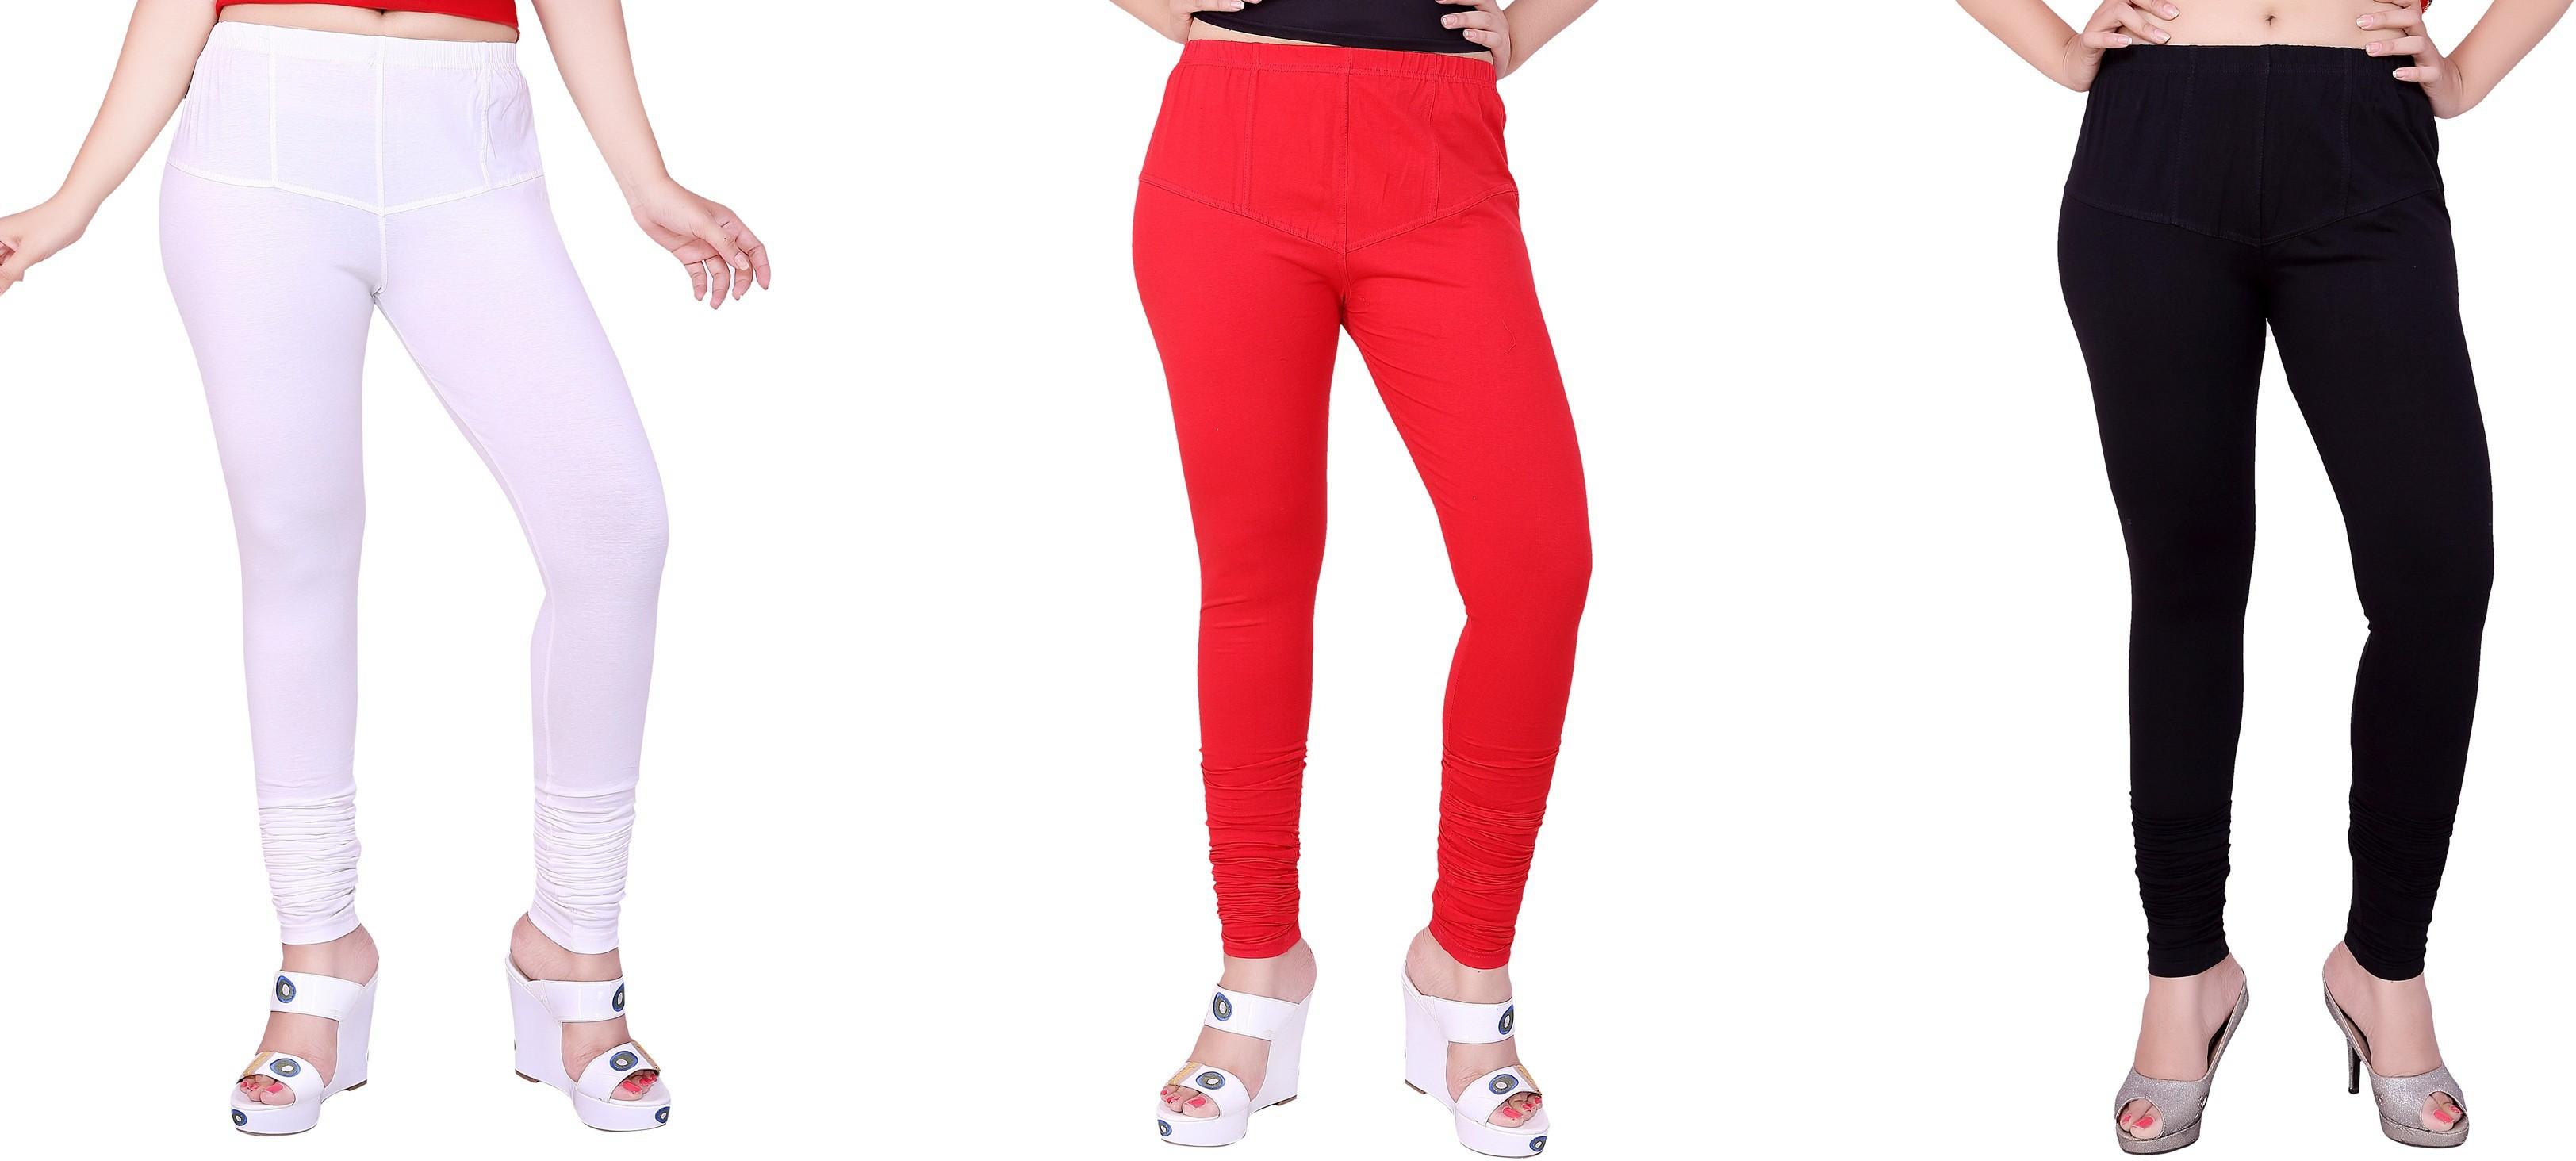 Fck3 Womens White, Red, Black Leggings(Pack of 3)